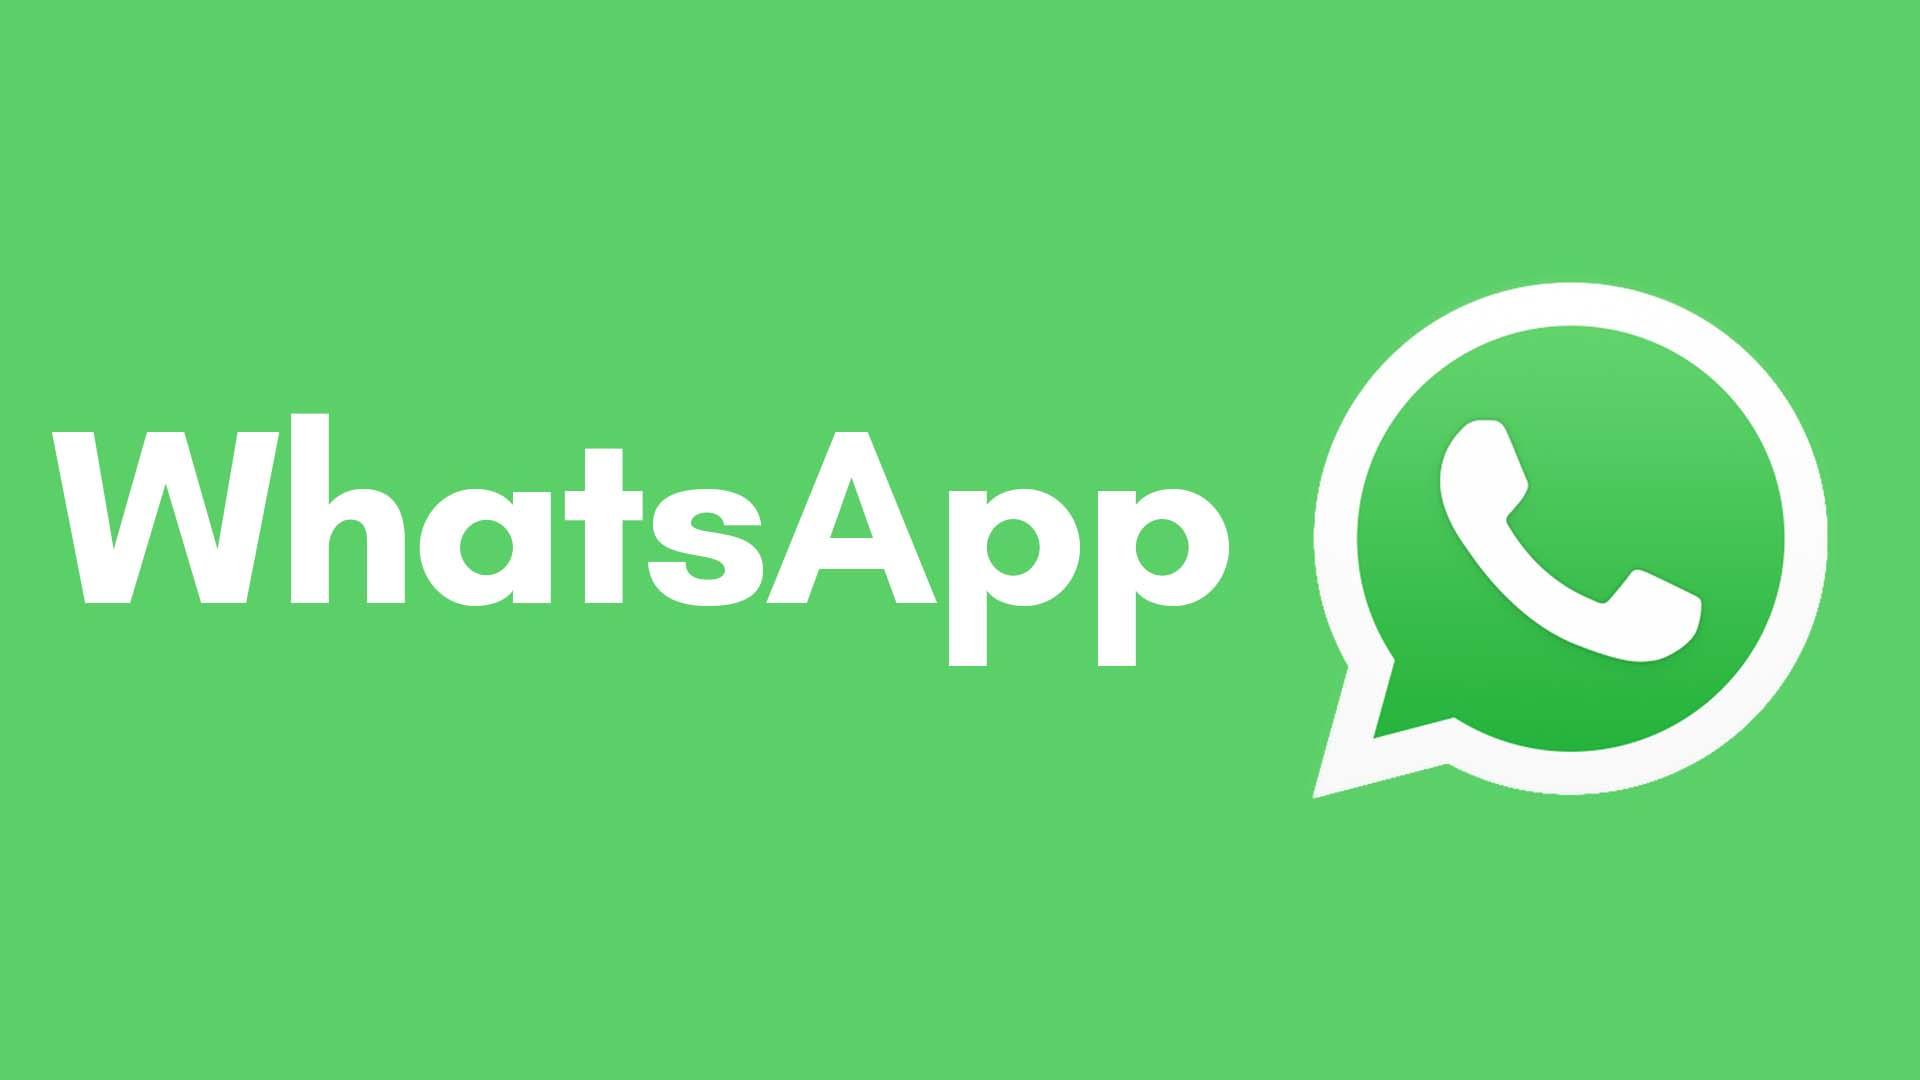 WhatsApp признал, что допереписки его пользователей могут добраться все желающие